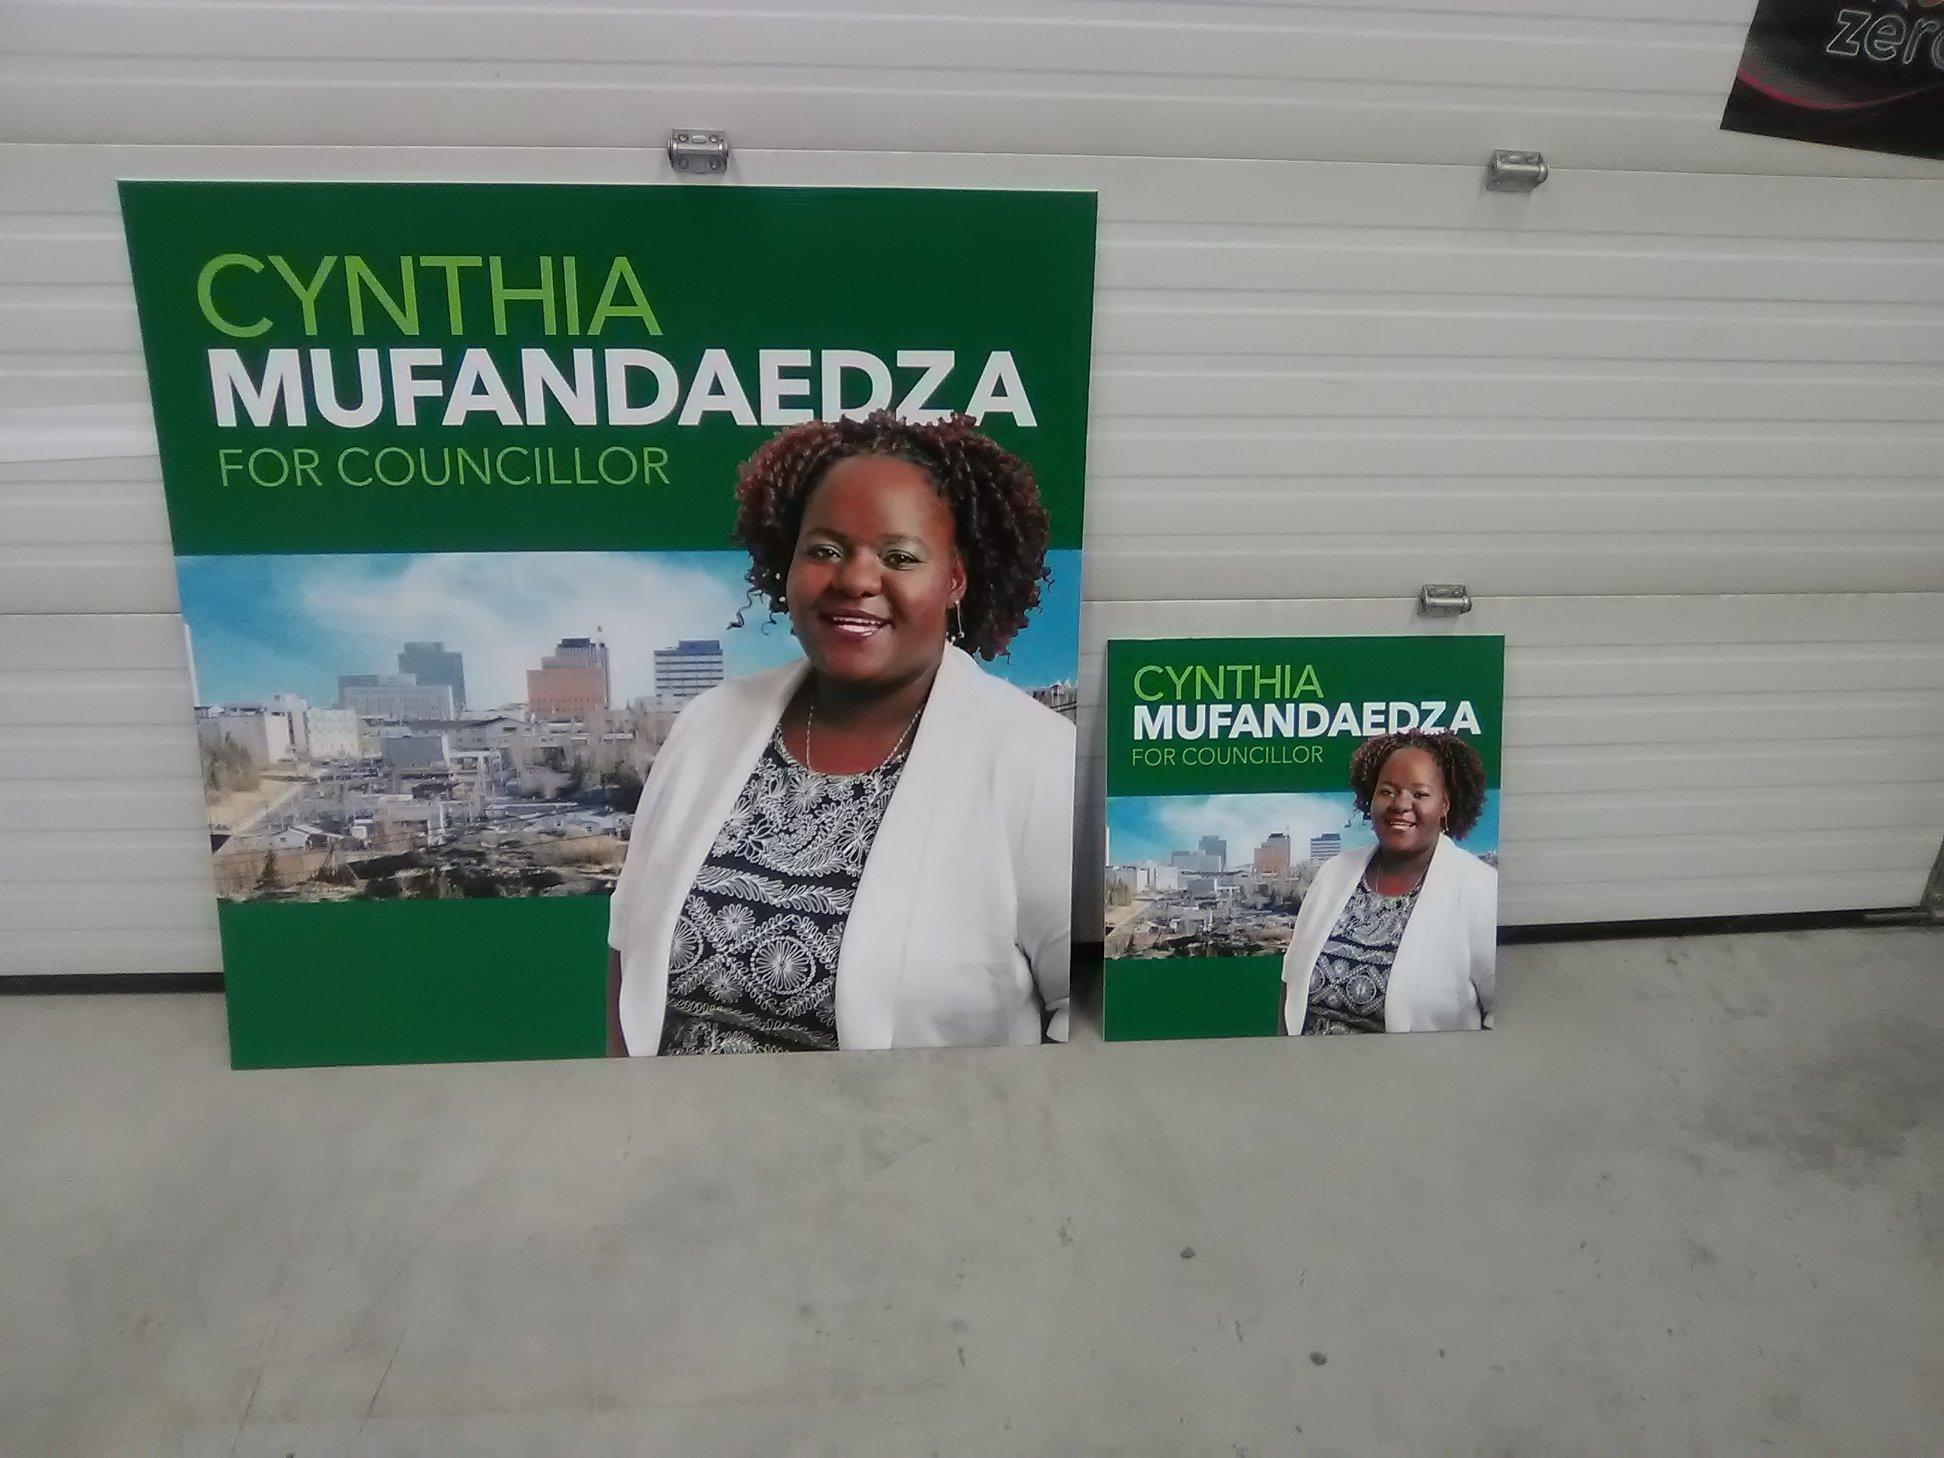 Cynthia Mufandaedza Mayor Candiate Signage